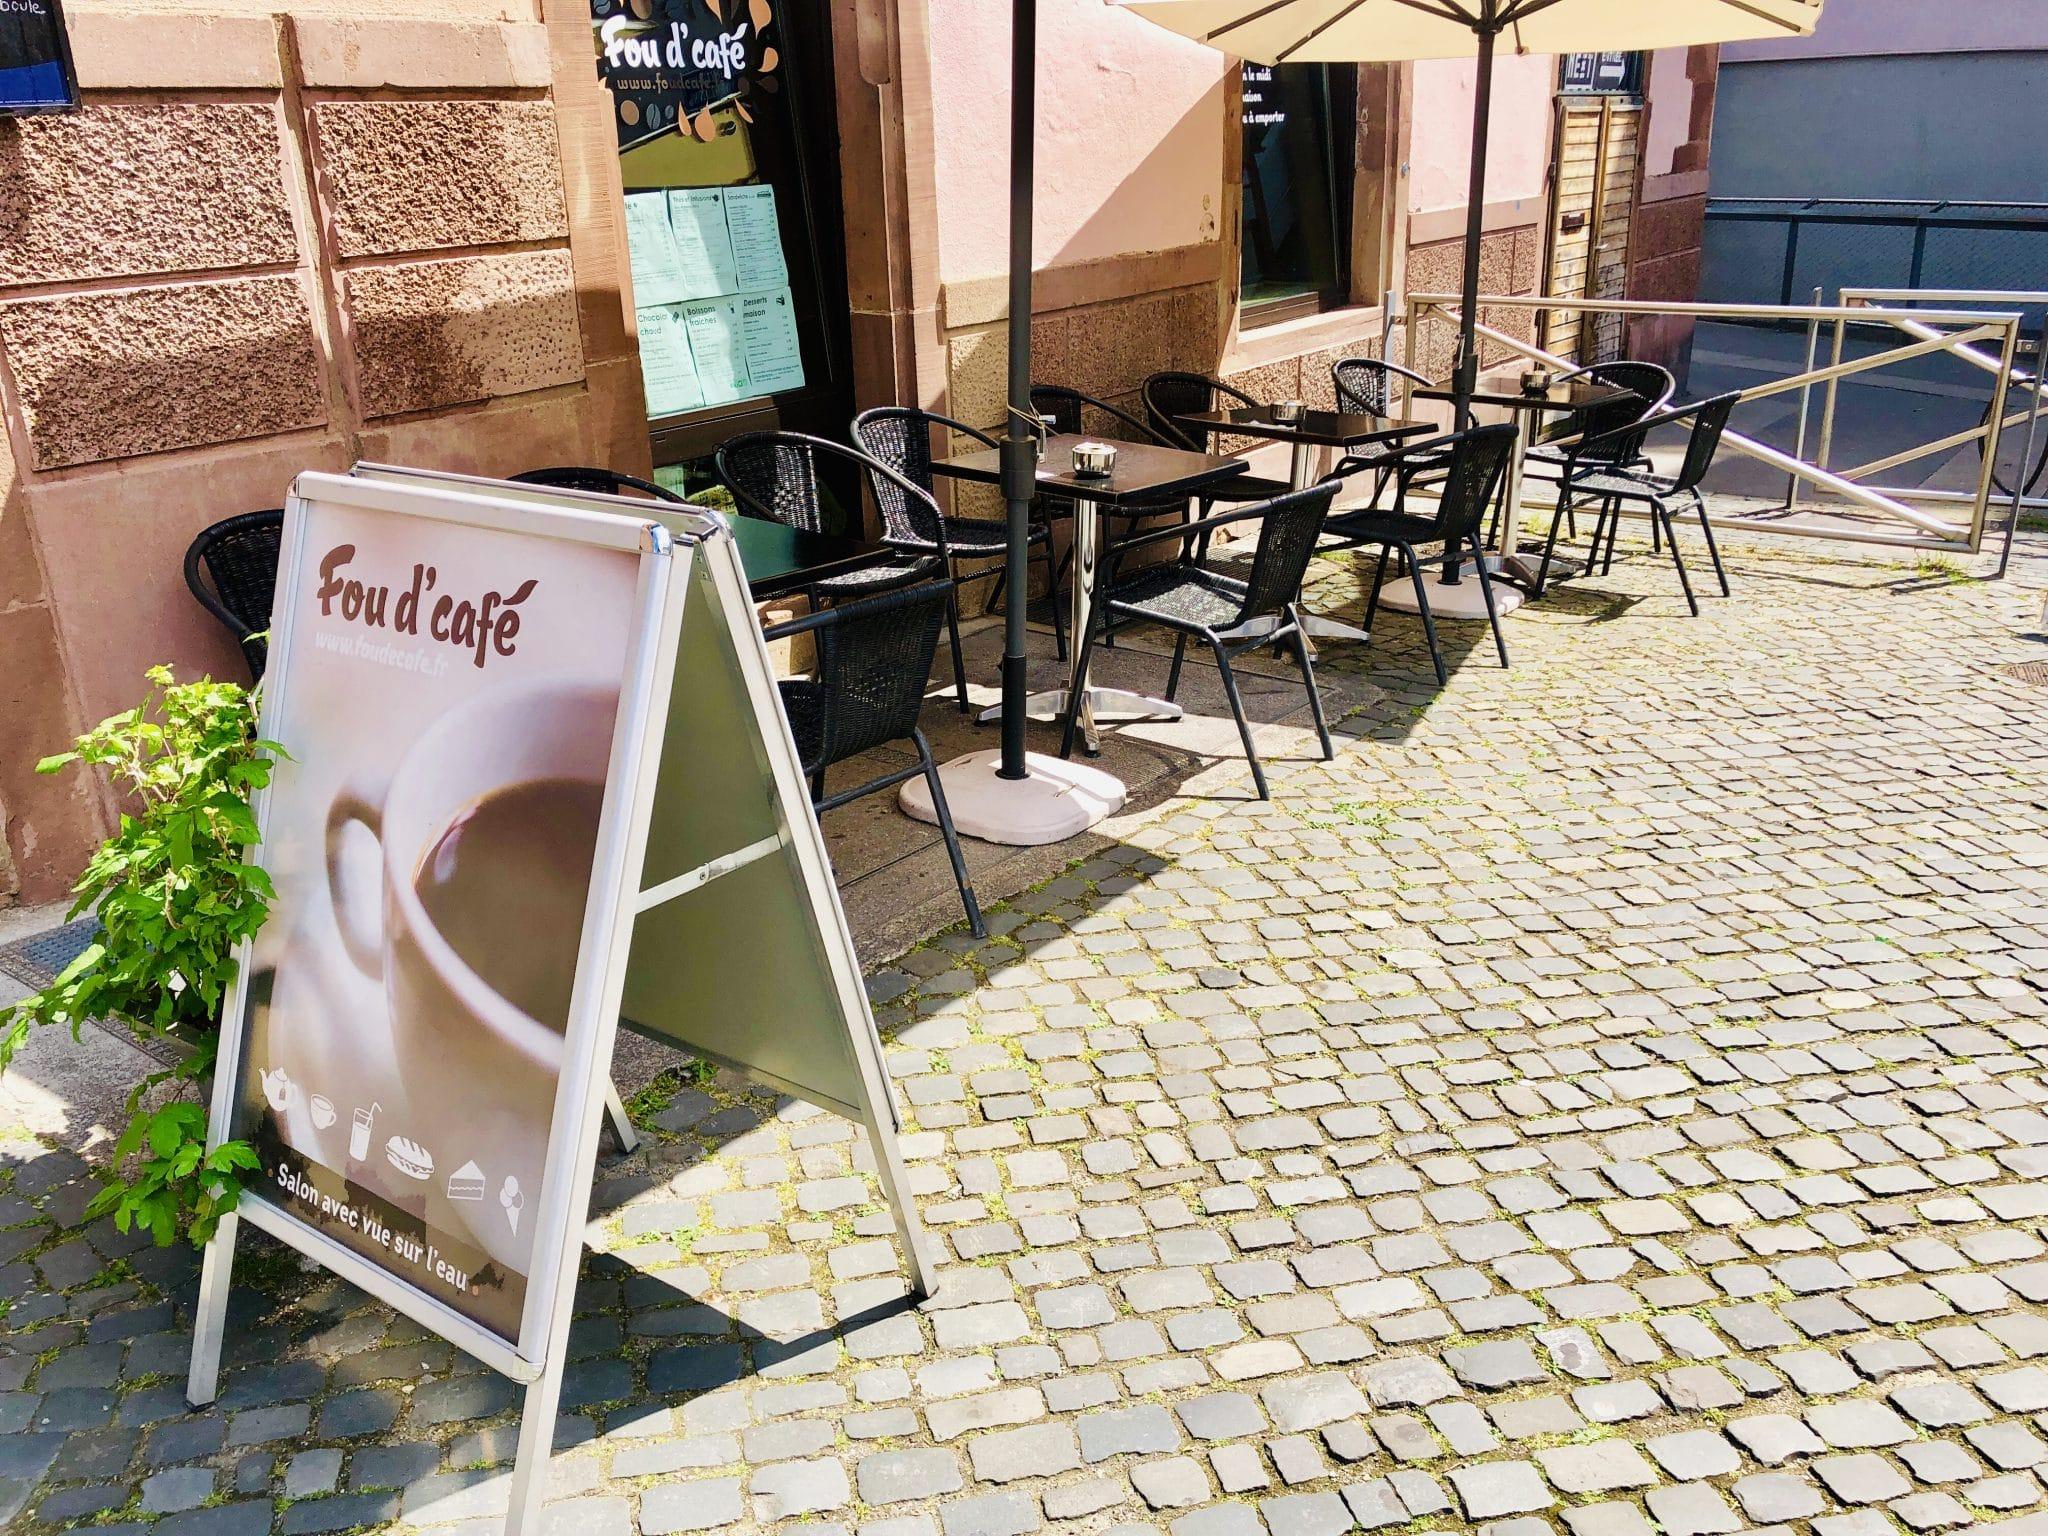 Réalisation AAE - Fou d'Café - Strasbourg